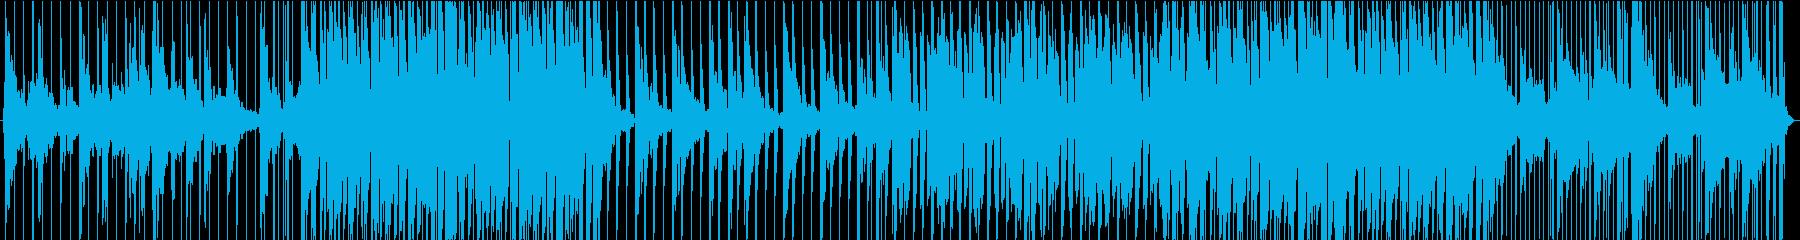 優しく包まれる様な四つ打ちR&Bの再生済みの波形